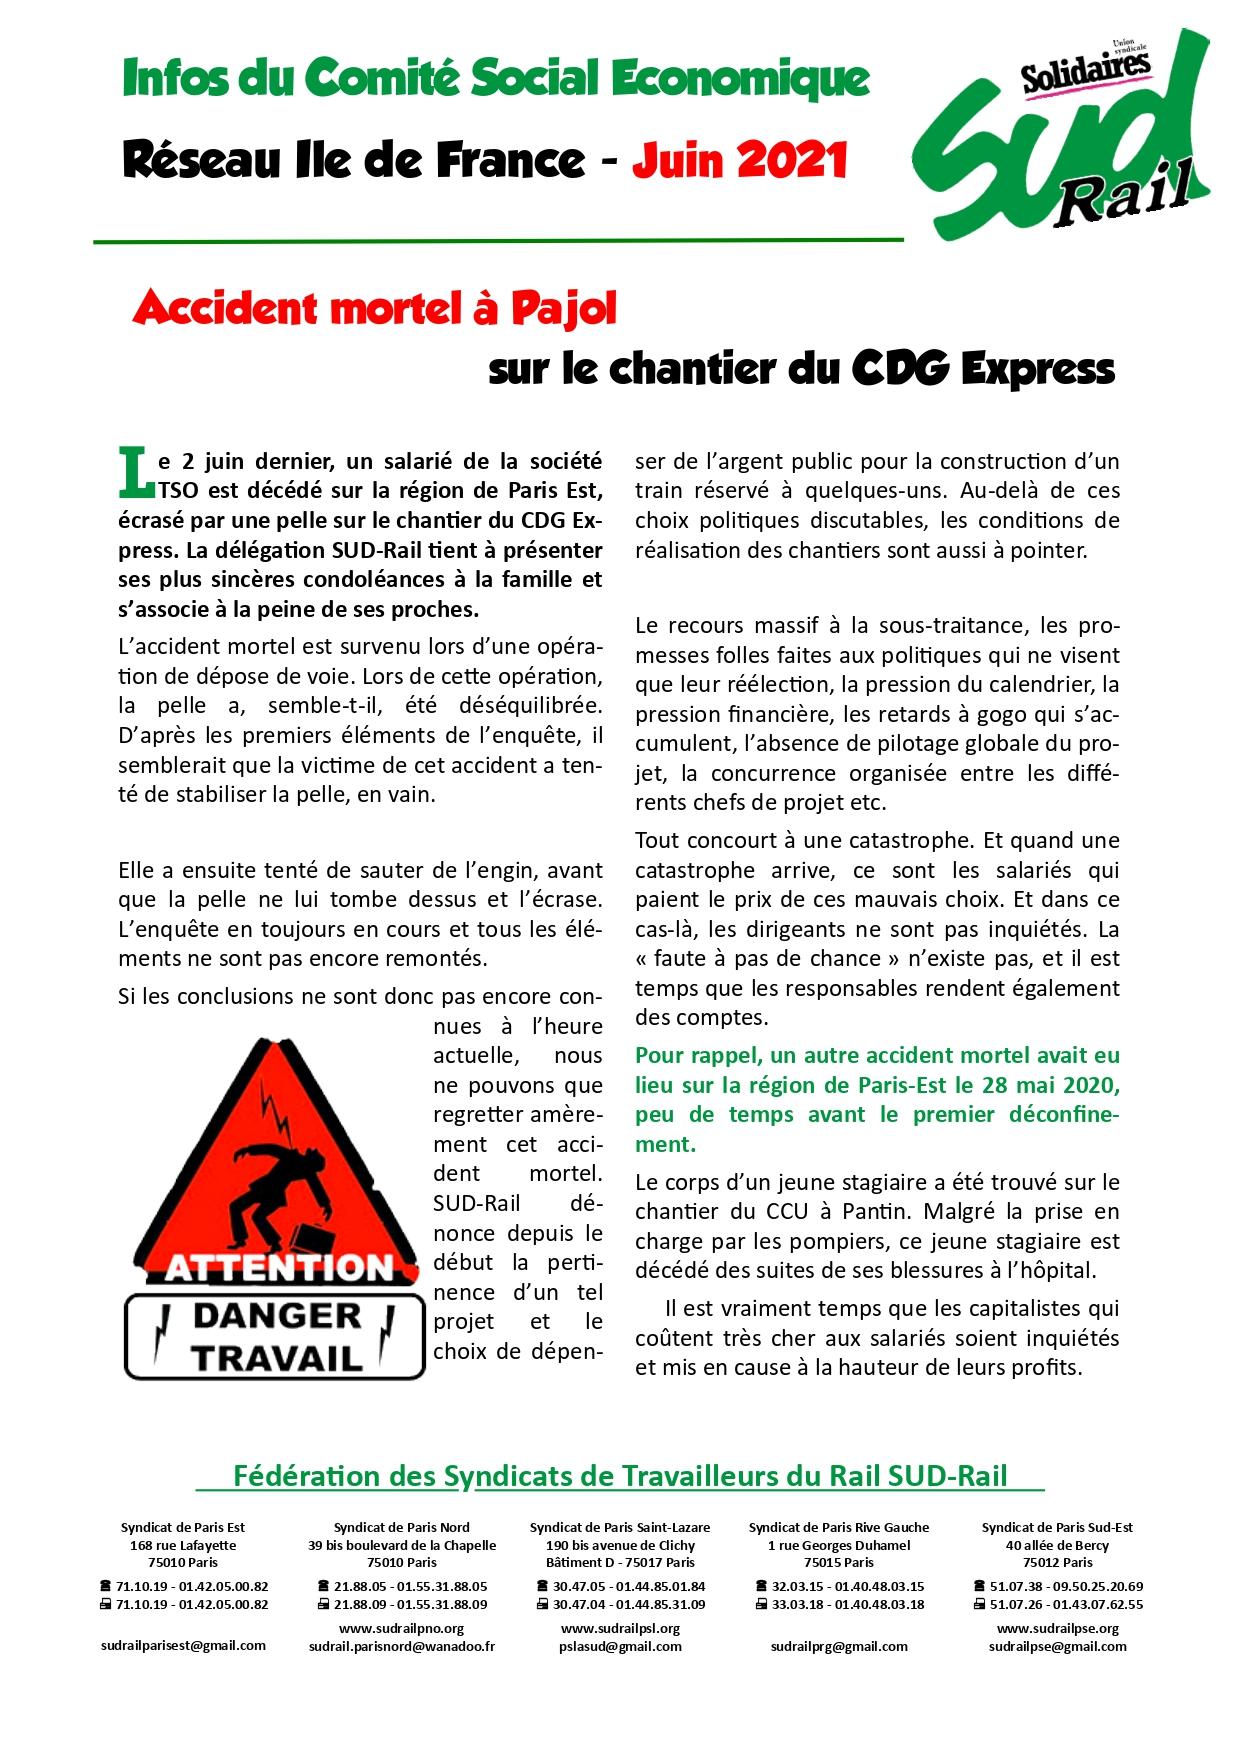 Accident mortel à Pajol sur le chantier du CDG Express